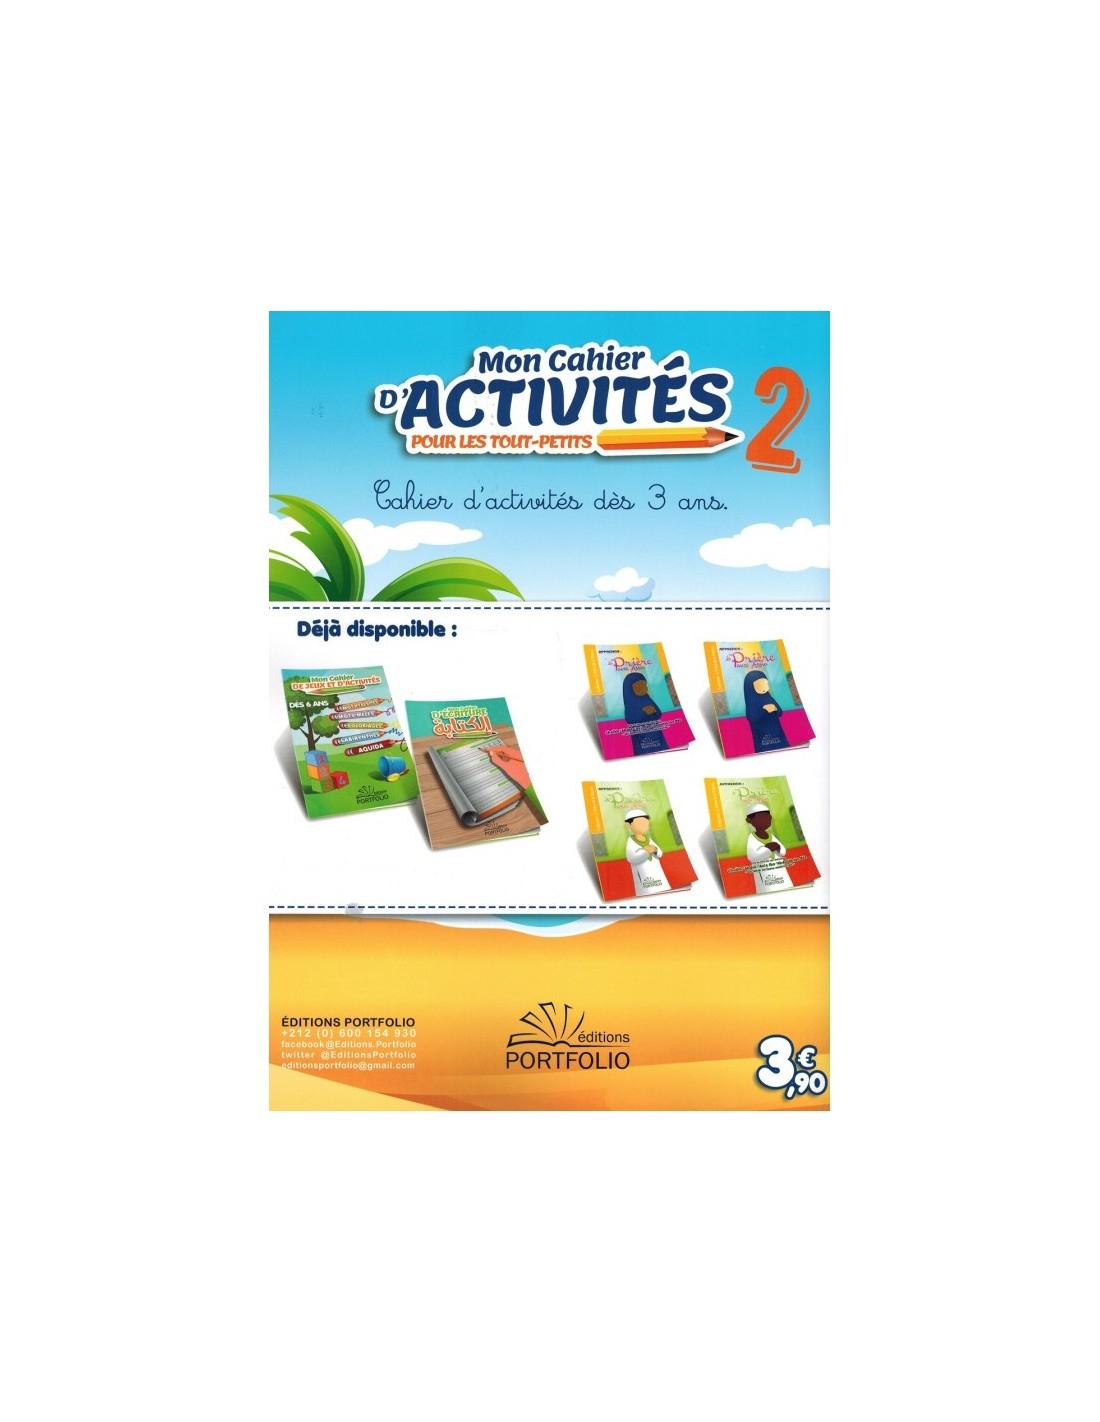 Mon Cahier D'activités Pour Les Tout-Petits (Volume 2) - Dès avec Activité 2 3 Ans